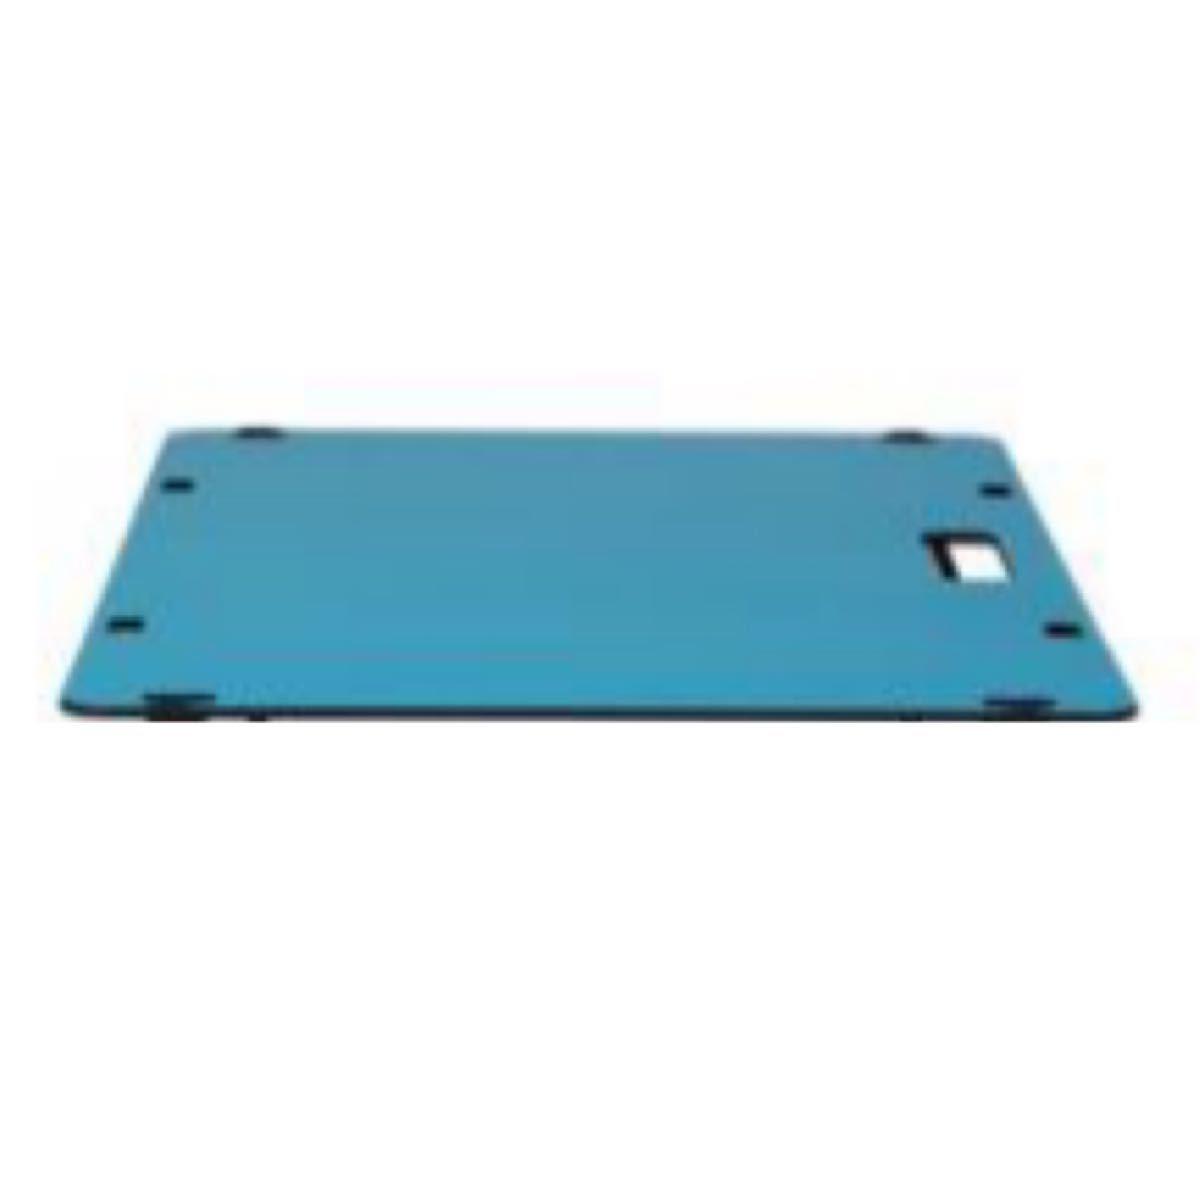 ヘリノックス タクティカルテーブル ワークトップ ラグーンブルー ハードトップ